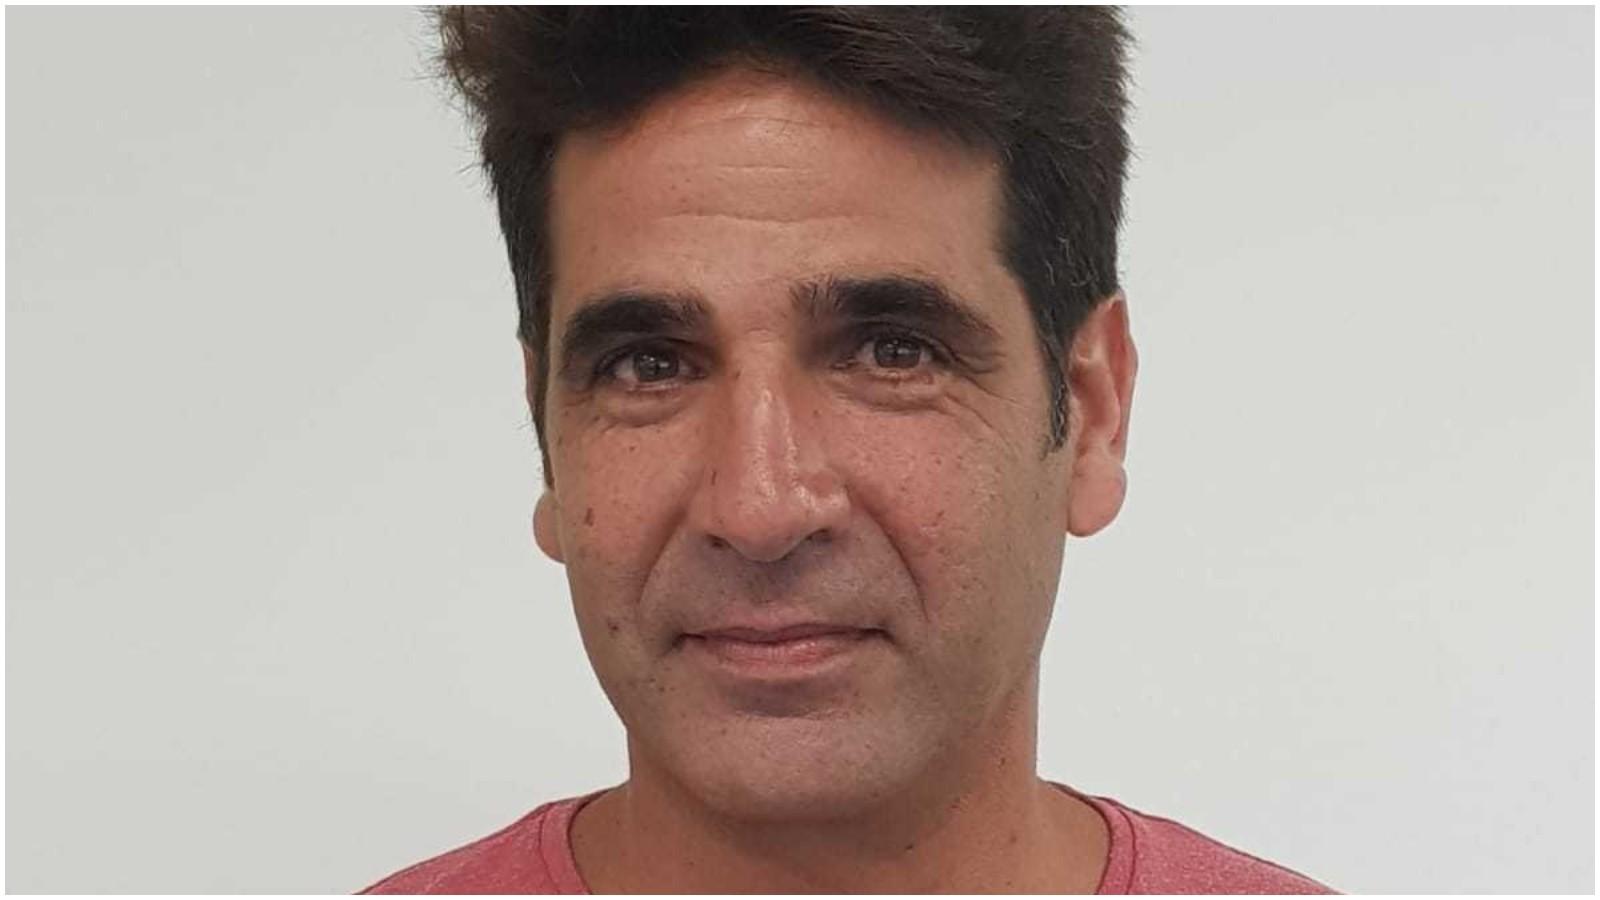 מנהל הפארק הנבחר ויטוריו ארביב. צילום עיריית רעננה